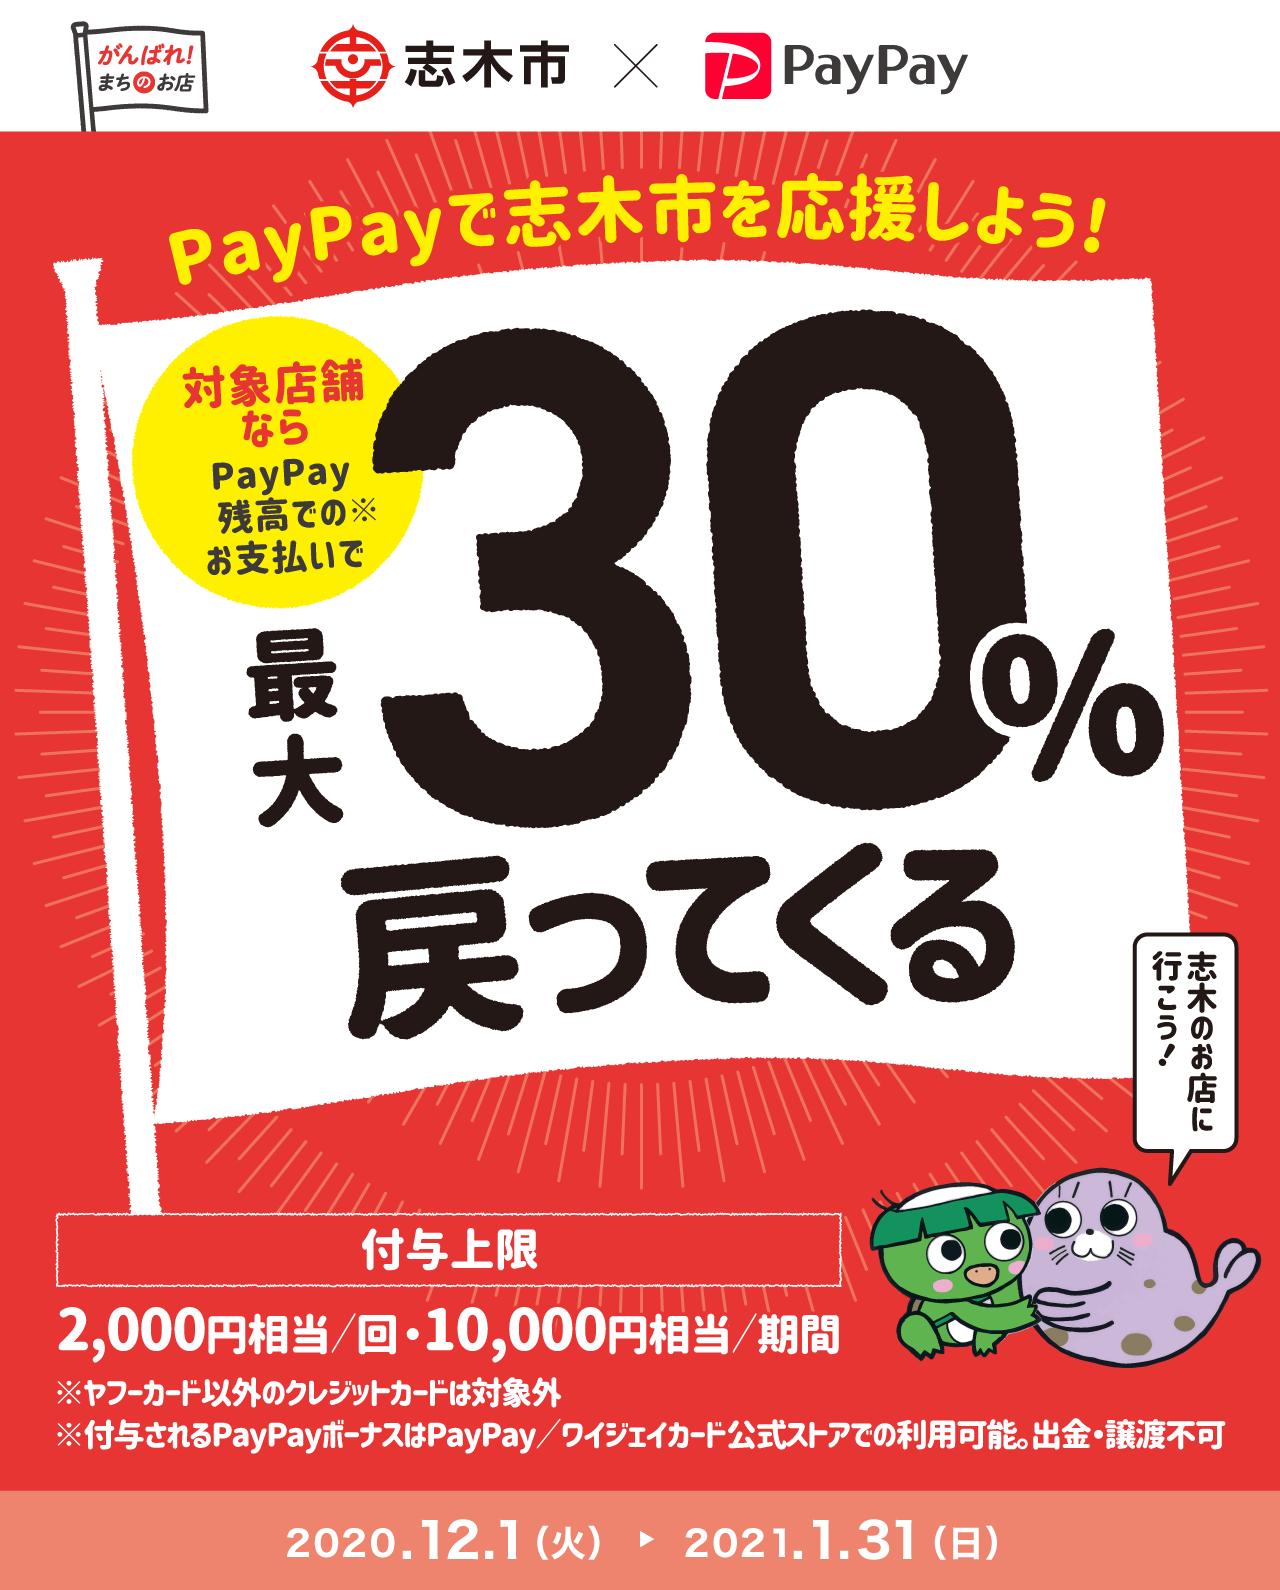 PayPayで志木市を応援しよう! 対象店舗ならPayPay残高でのお支払いで 最大30%戻ってくる